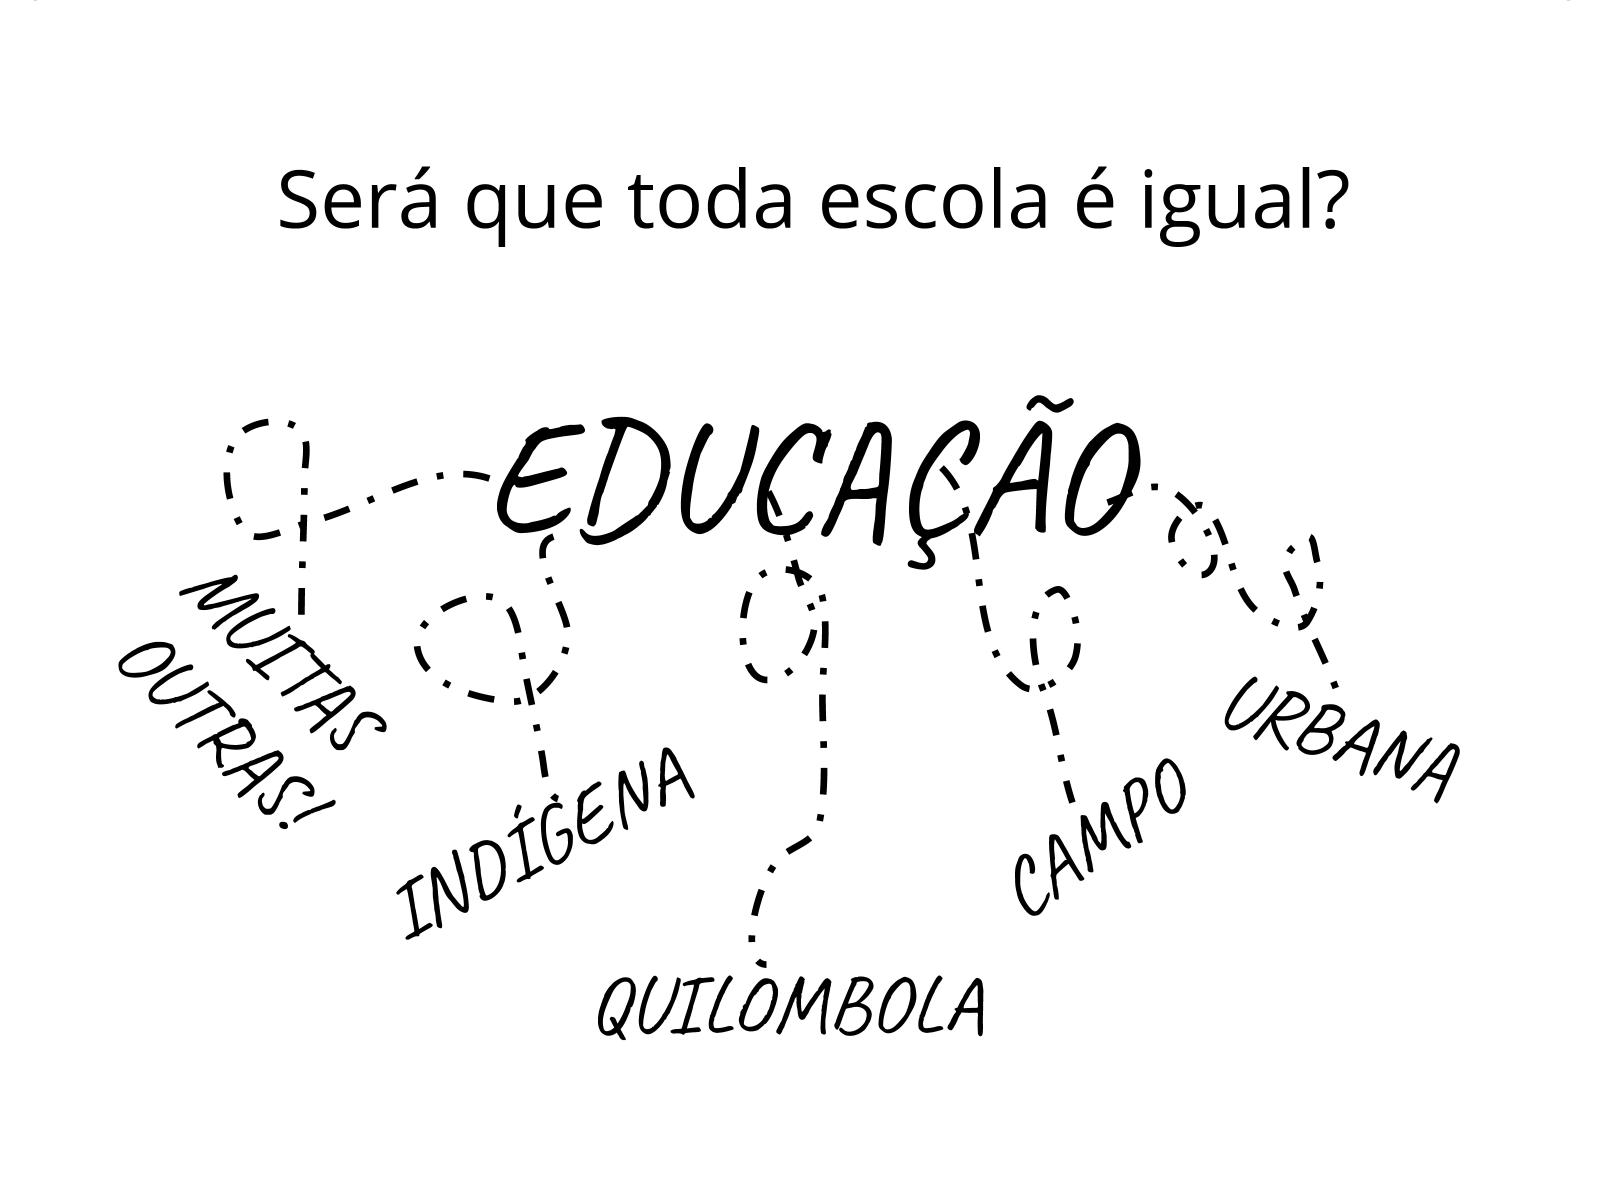 Escola para todos!